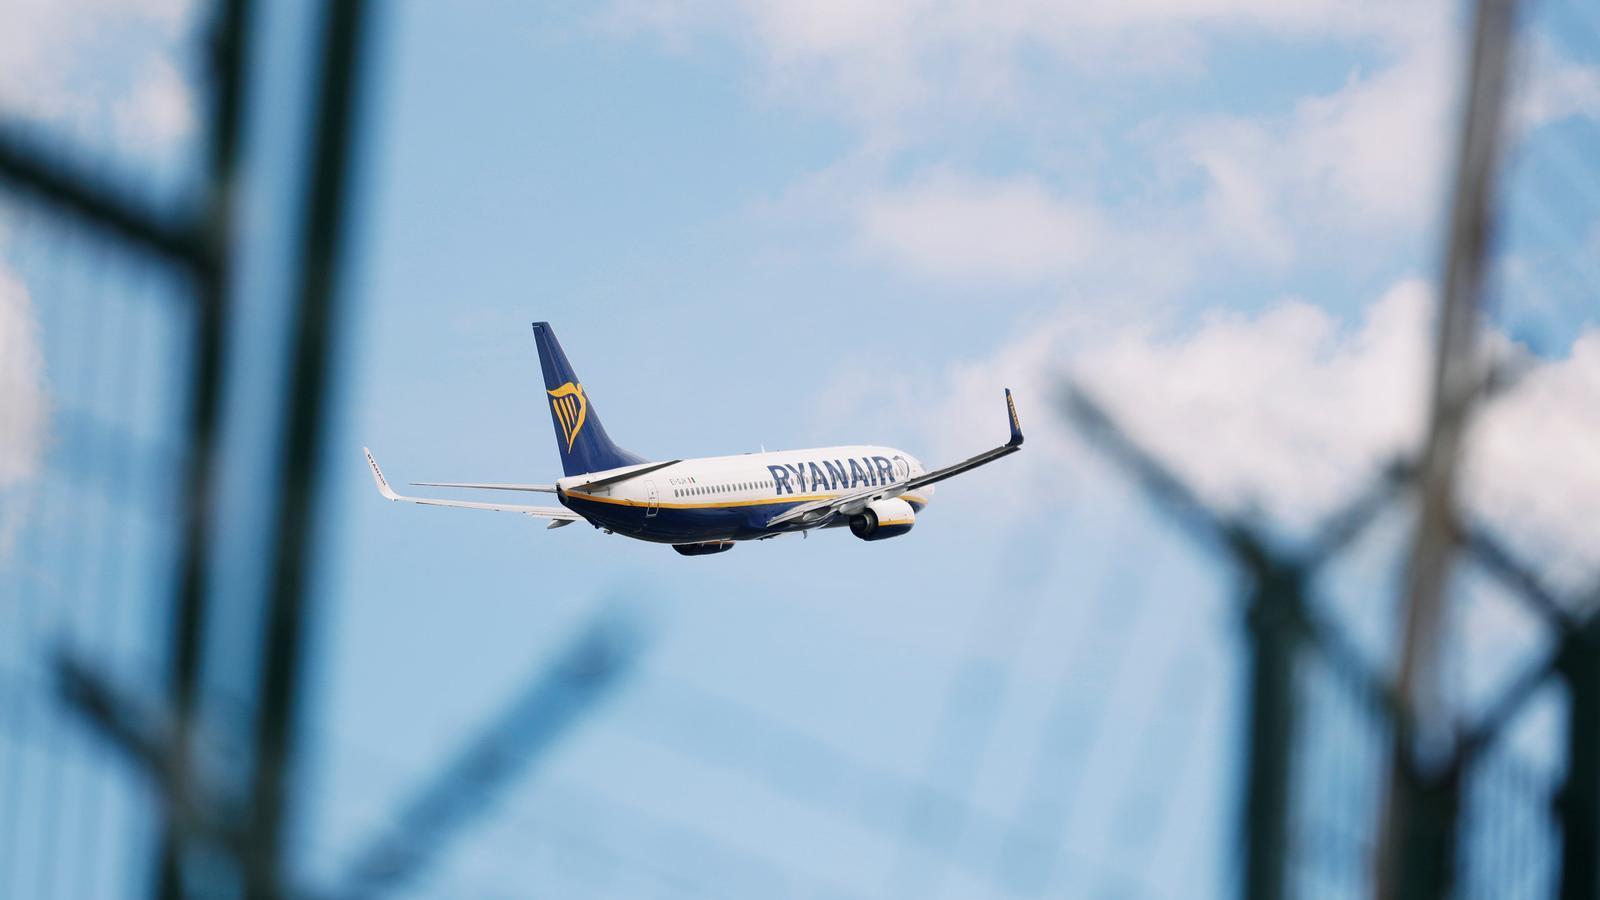 Imatge d'un avió de l'aerolínia de baix cost Ryanair.